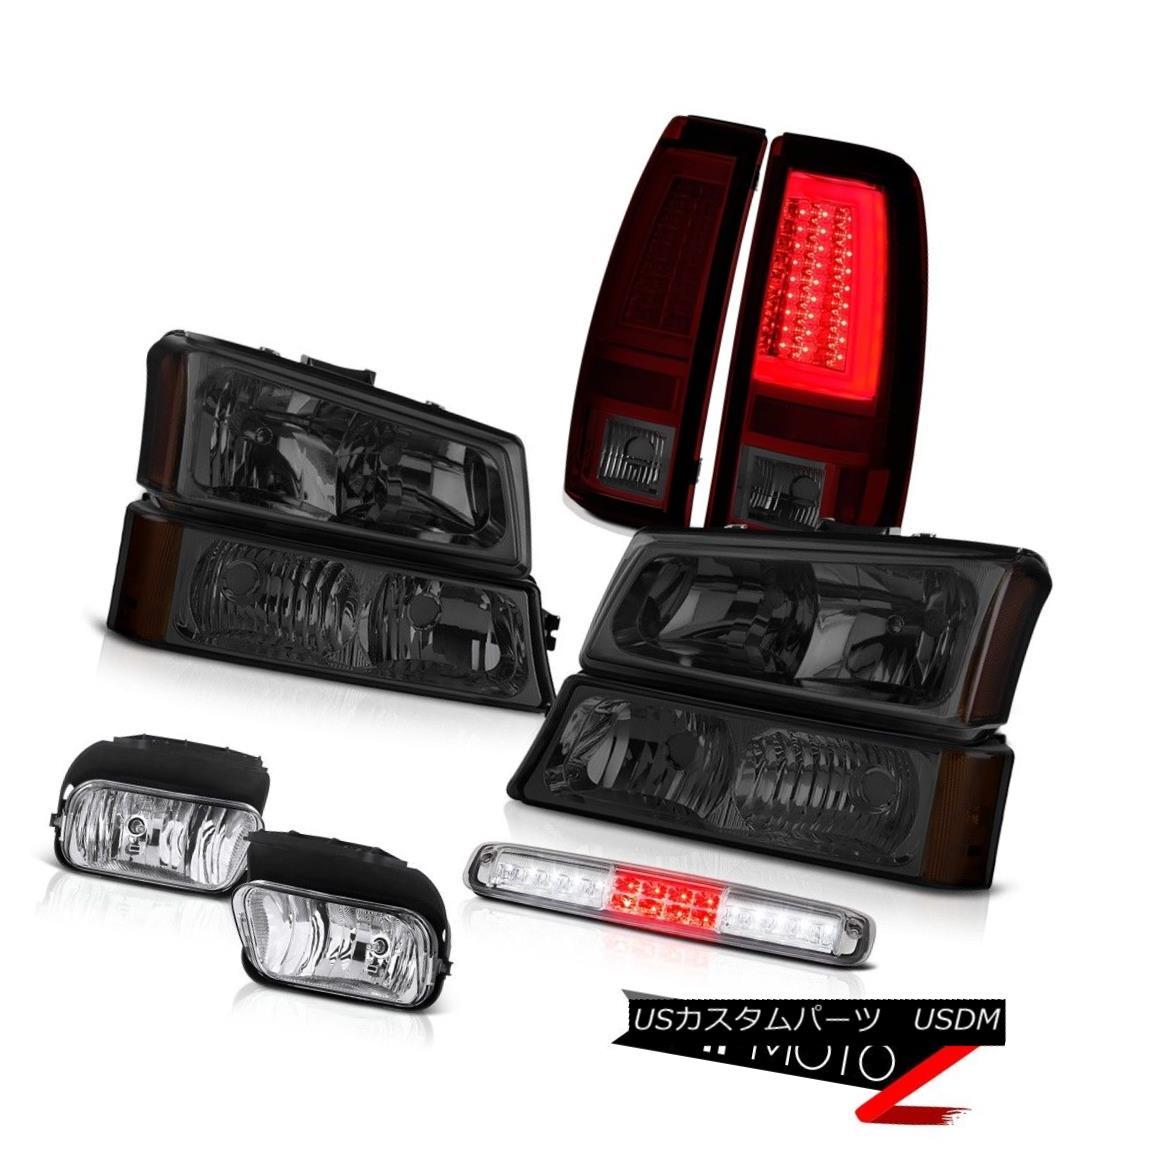 テールライト 03-06 Silverado Tail Lamps Foglamps Bumper Lamp Roof Cab Headlamps Tron Style 03-06シルバラードテールランプフォグランプバンパーランプルーフキャブヘッドランプトロンスタイル